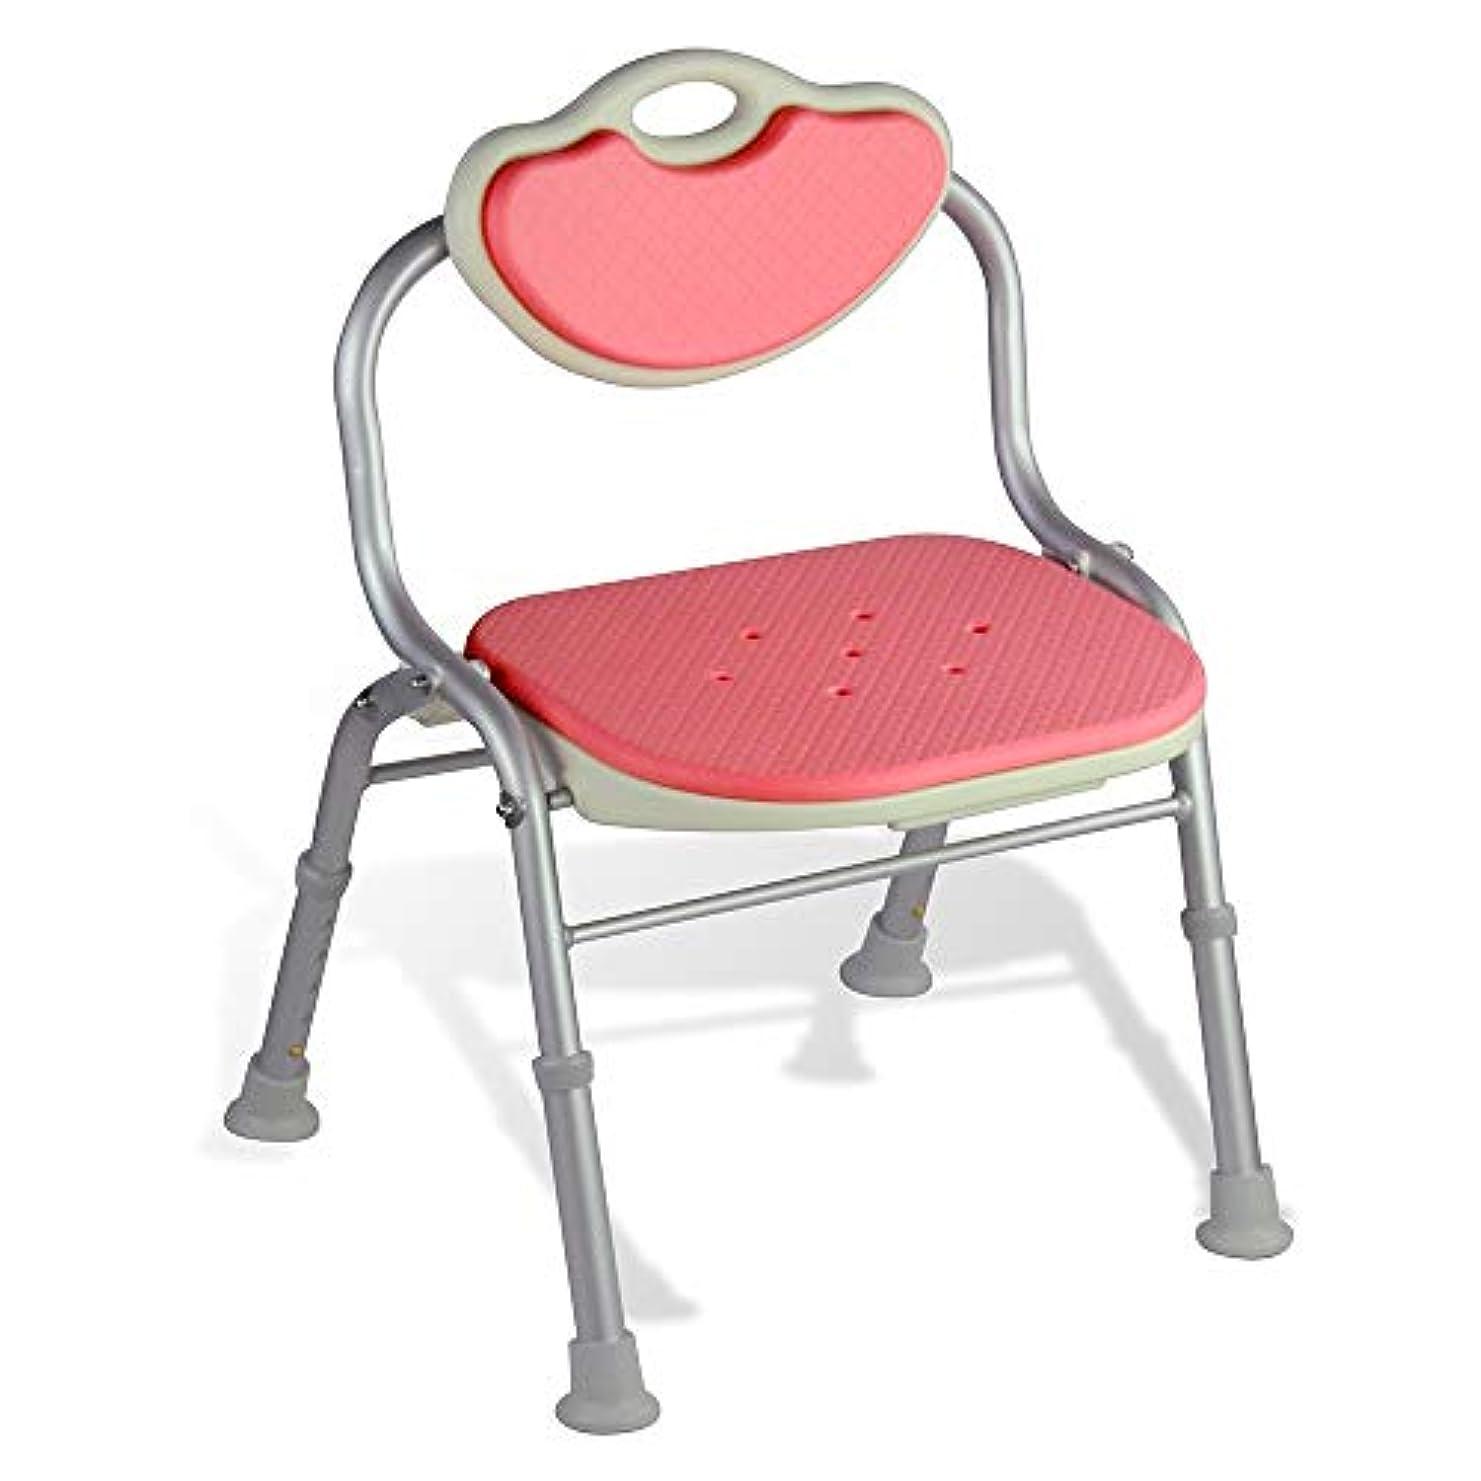 調節可能なシャワーチェア、背中付き-障害者、障害者、高齢者向けのバスタブチェア (Color : ピンク)